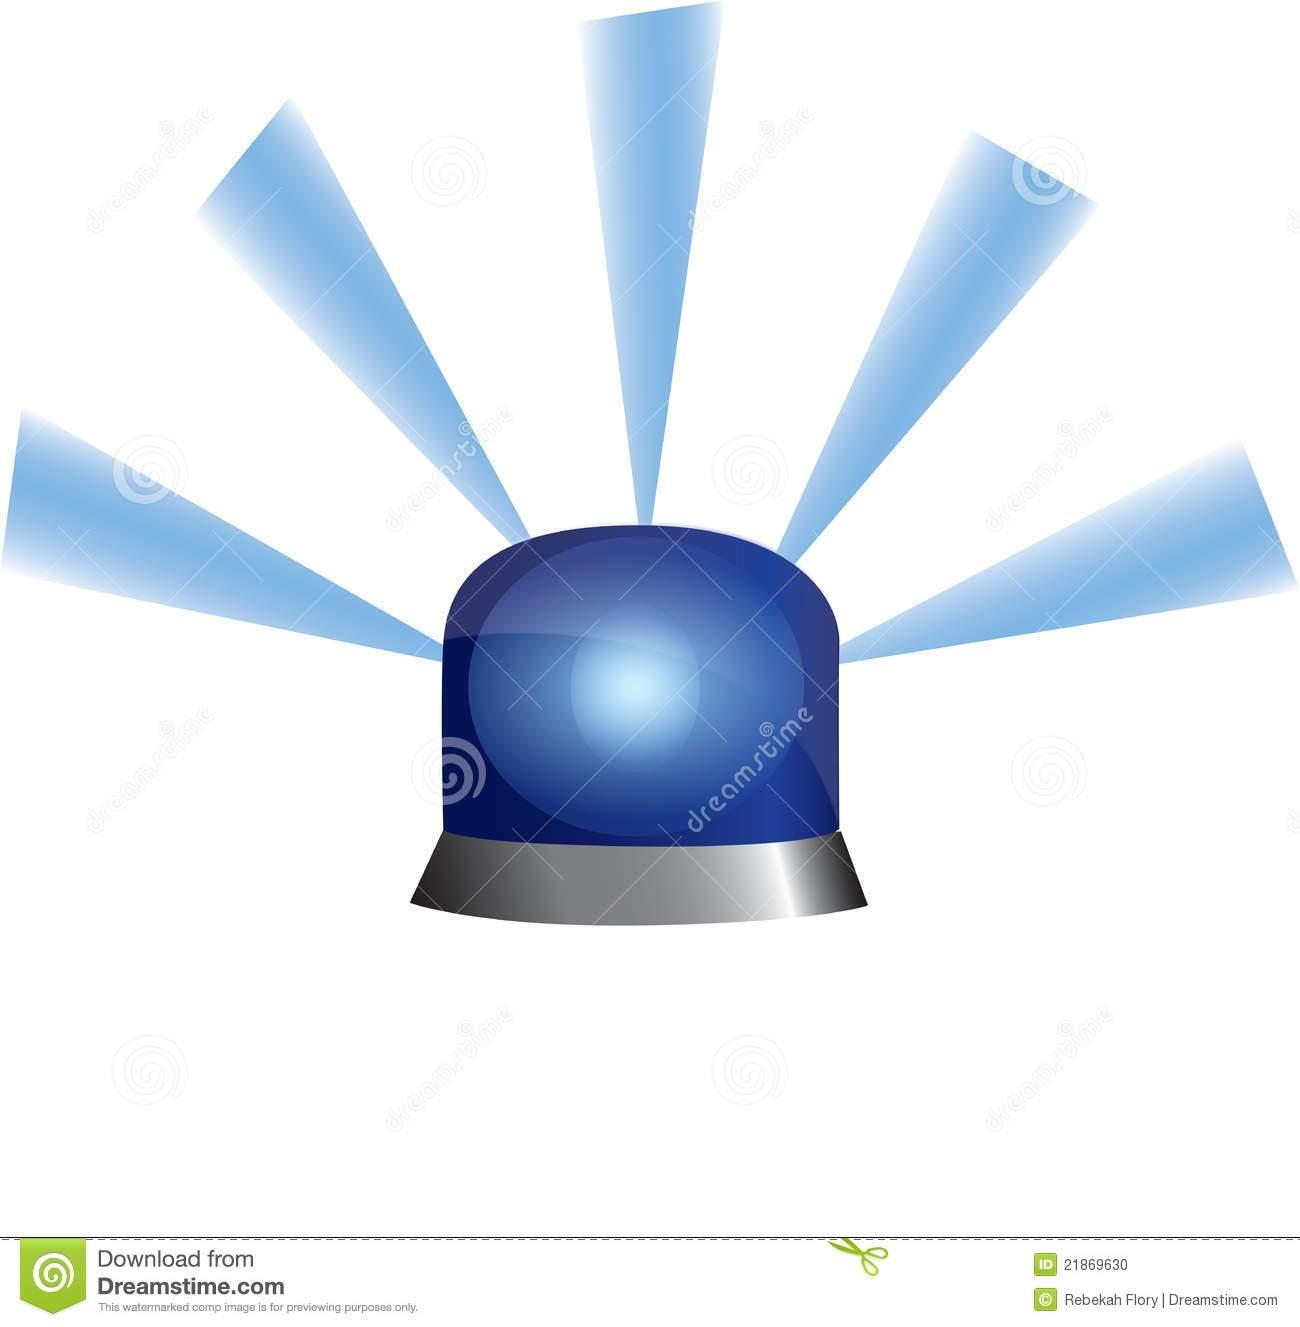 Strobe light clipart banner freeuse stock Strobe light clipart 2 » Clipart Portal banner freeuse stock